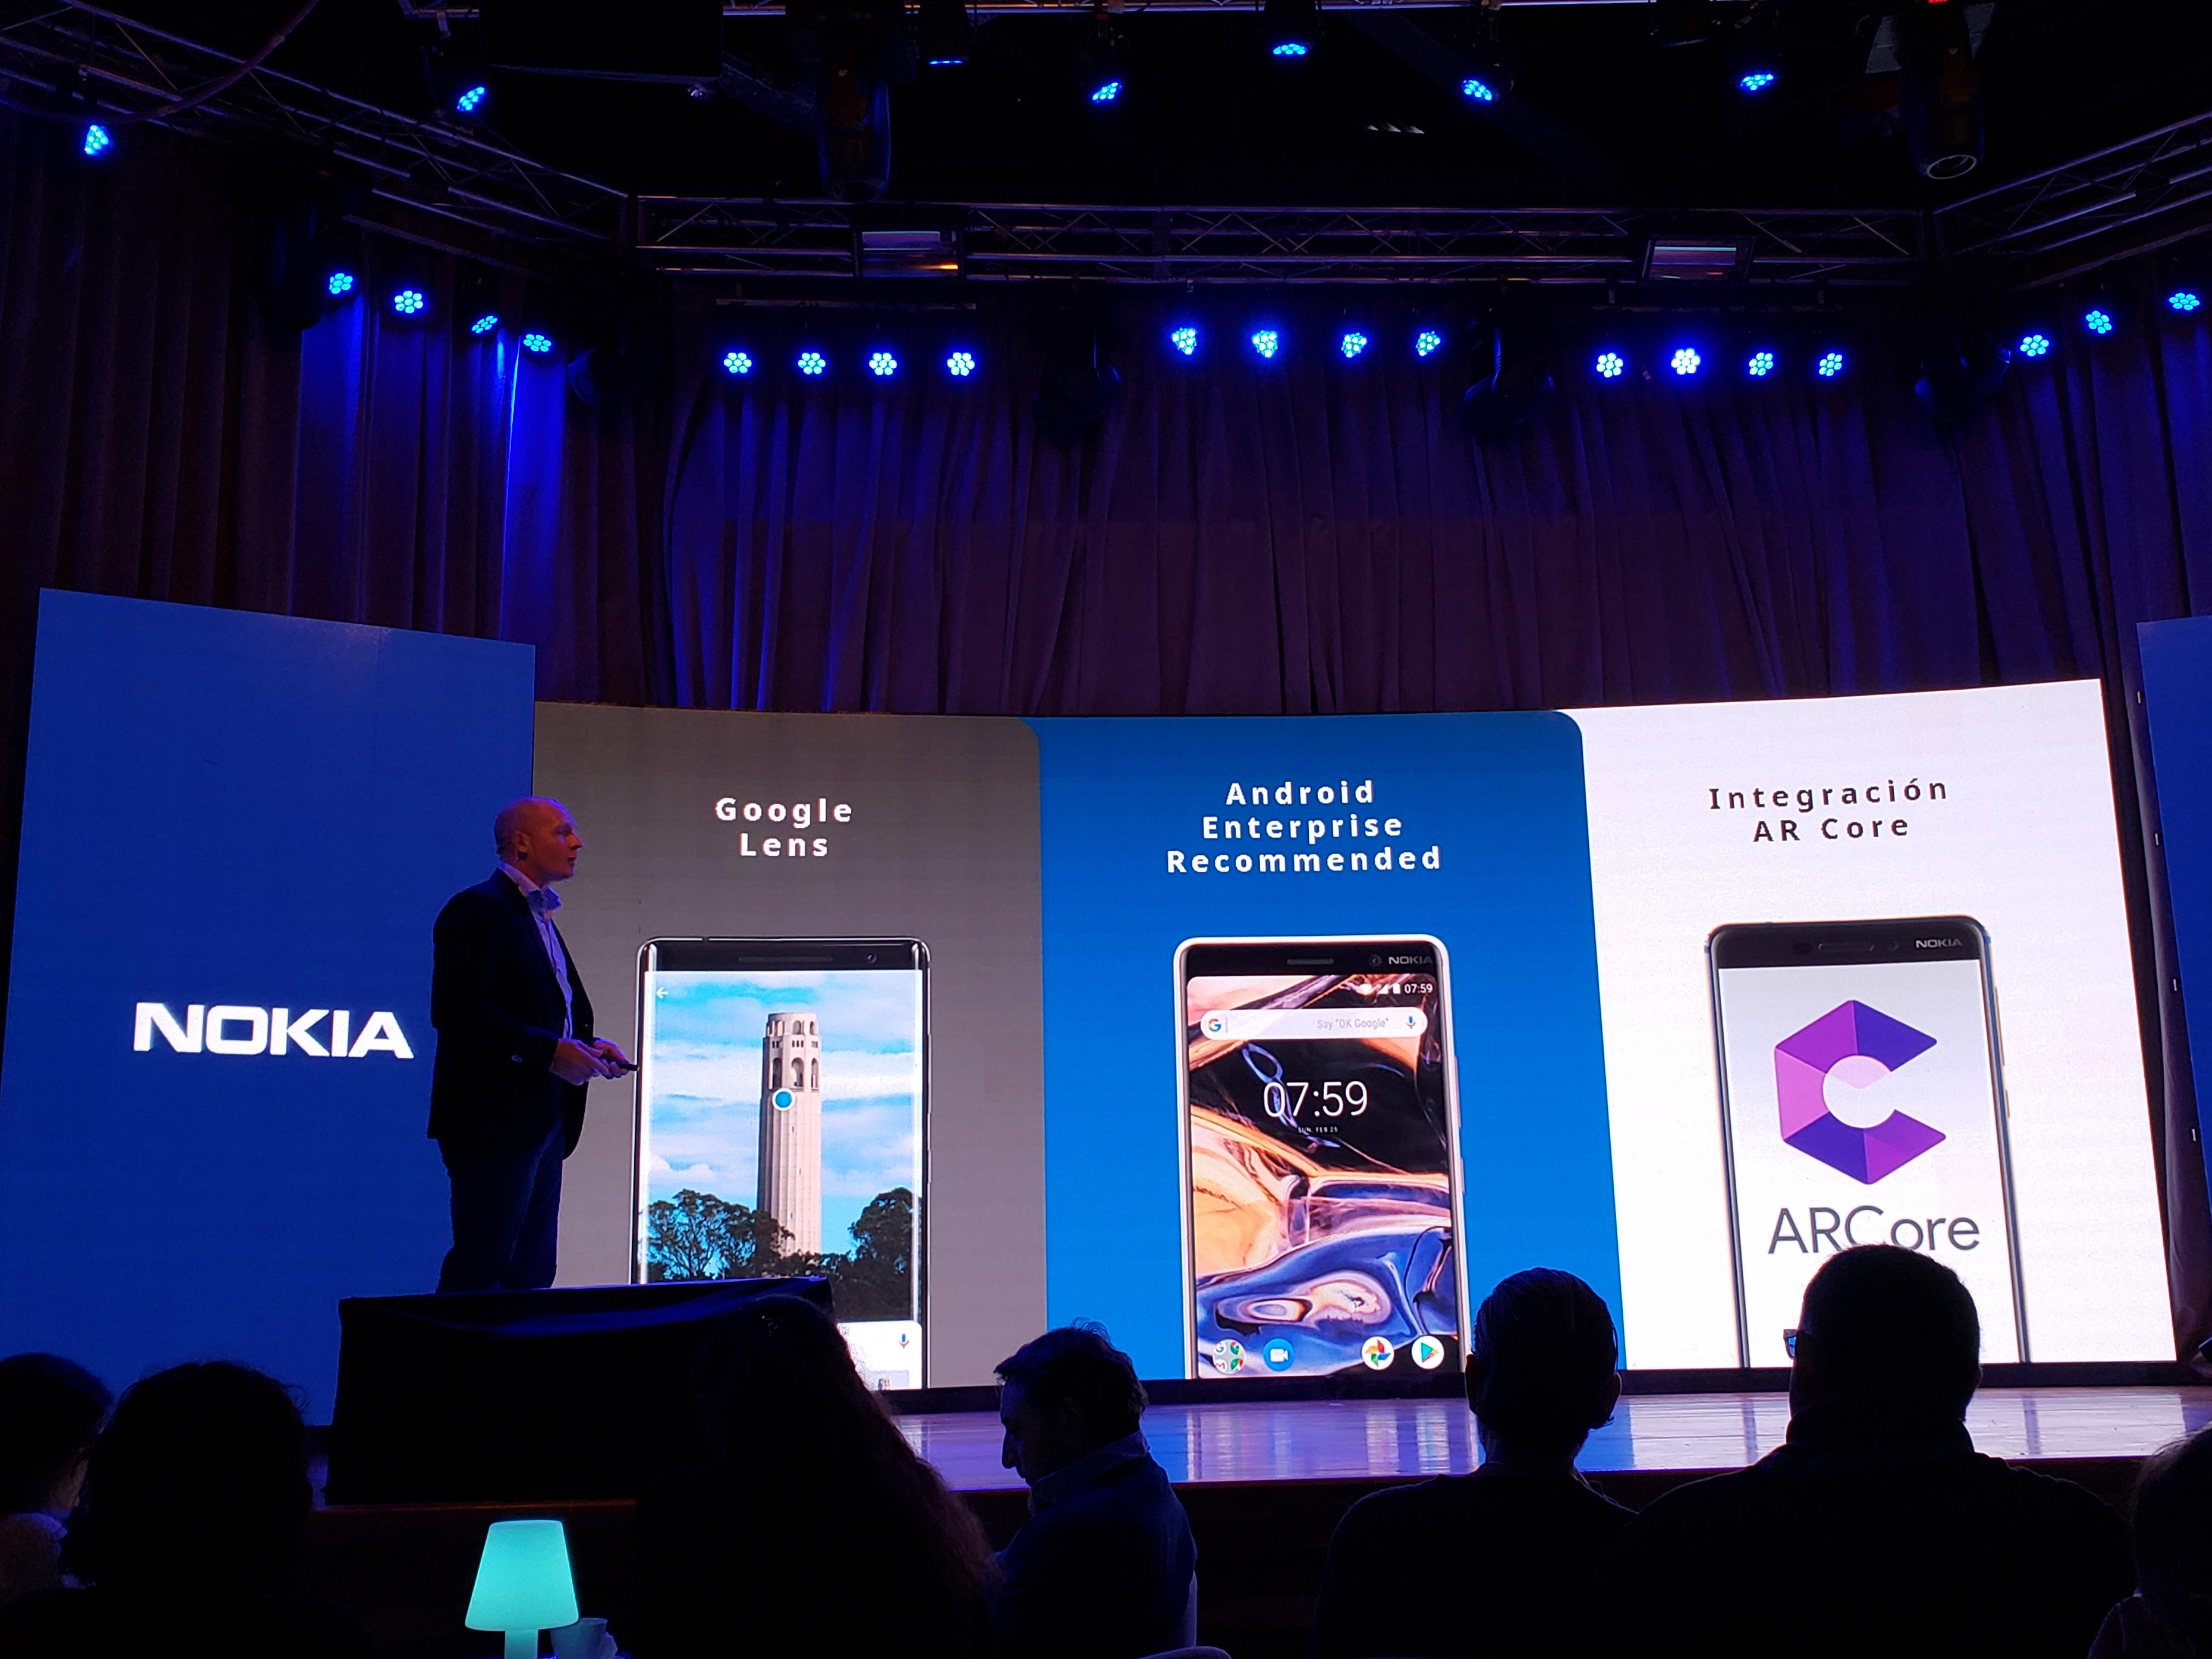 Los teléfonos cuentan con la versión más reciente de Android y recibirán parches con actualizaciones de seguridad cada mes